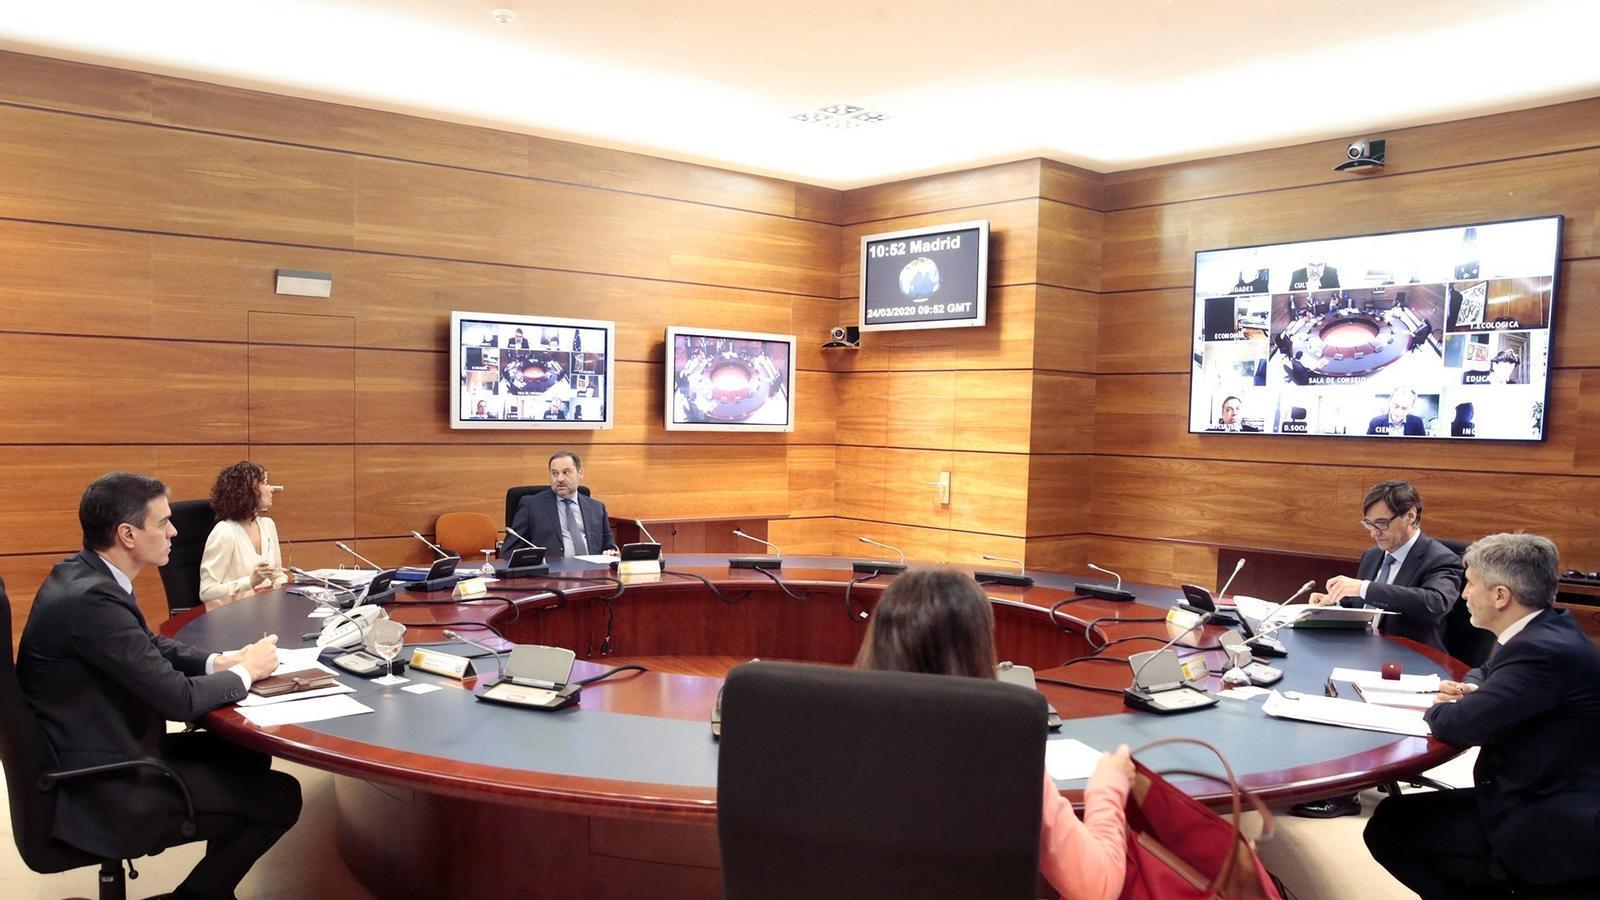 Reunió del consell de ministres aquest dimarts a la Moncloa, amb alguns ministres intervenint per videoconferència.